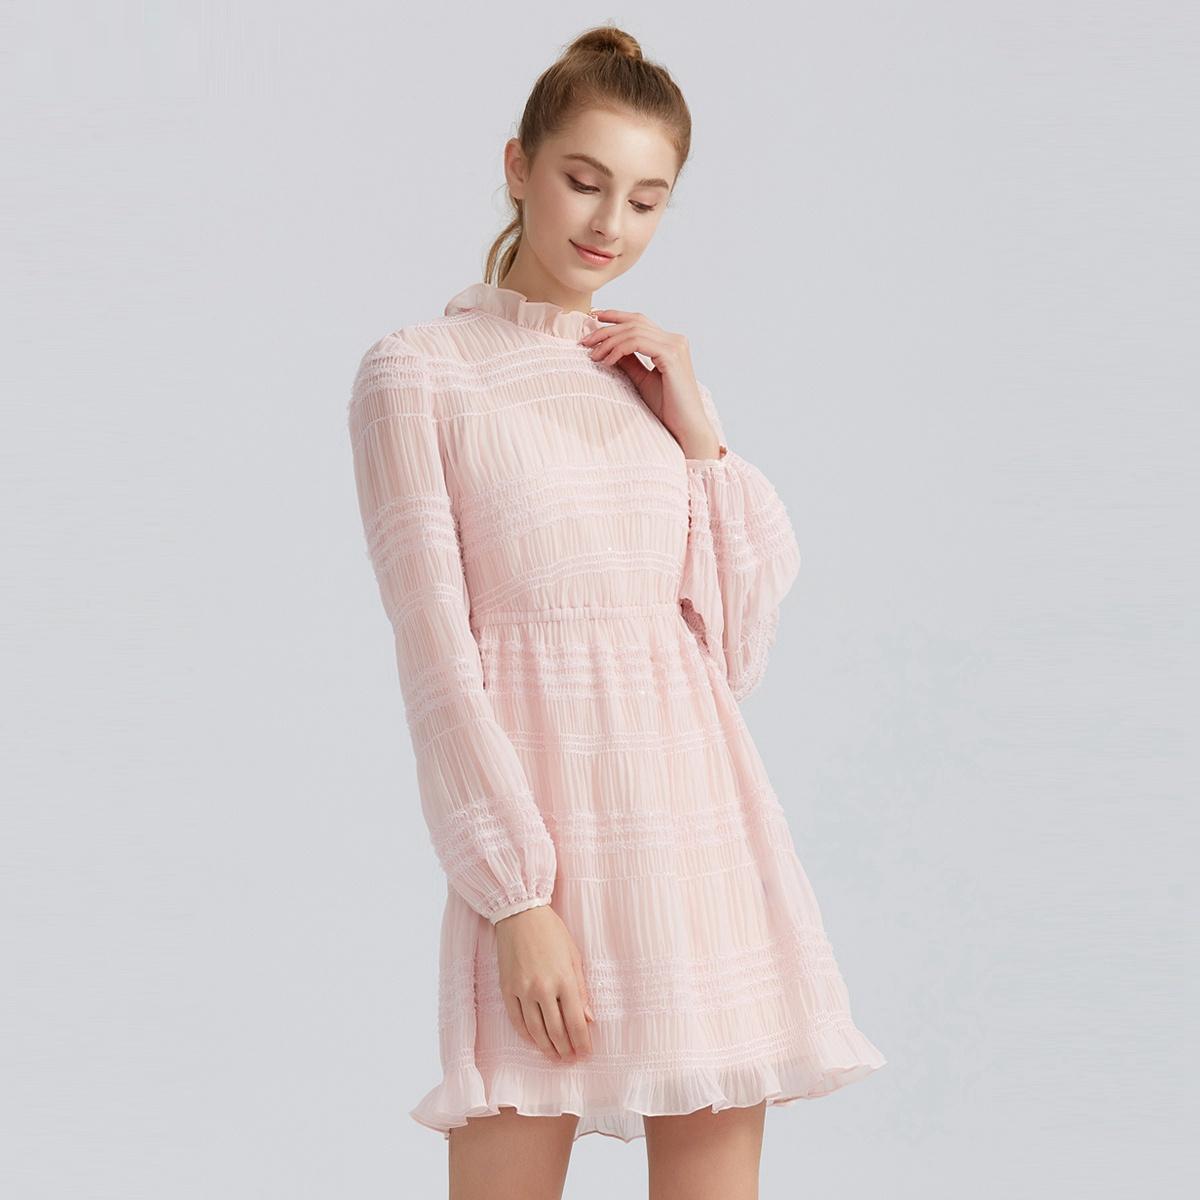 FIVEPLUS2019新款女荷叶春装连衣裙高腰两短裙装雪纺边长袖件套